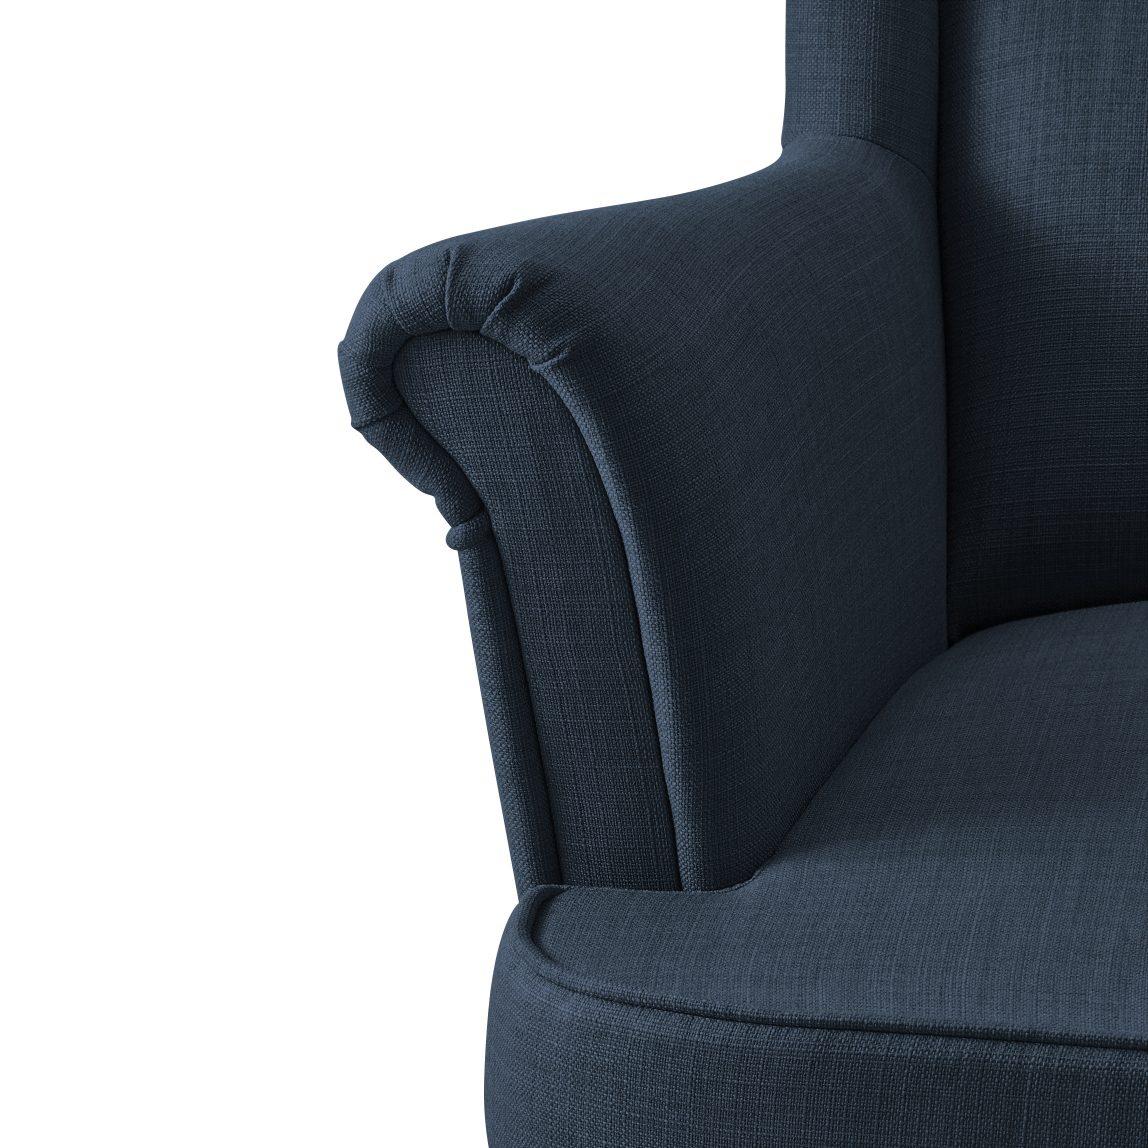 Комфортное кресло с подлокотниками ikea икея